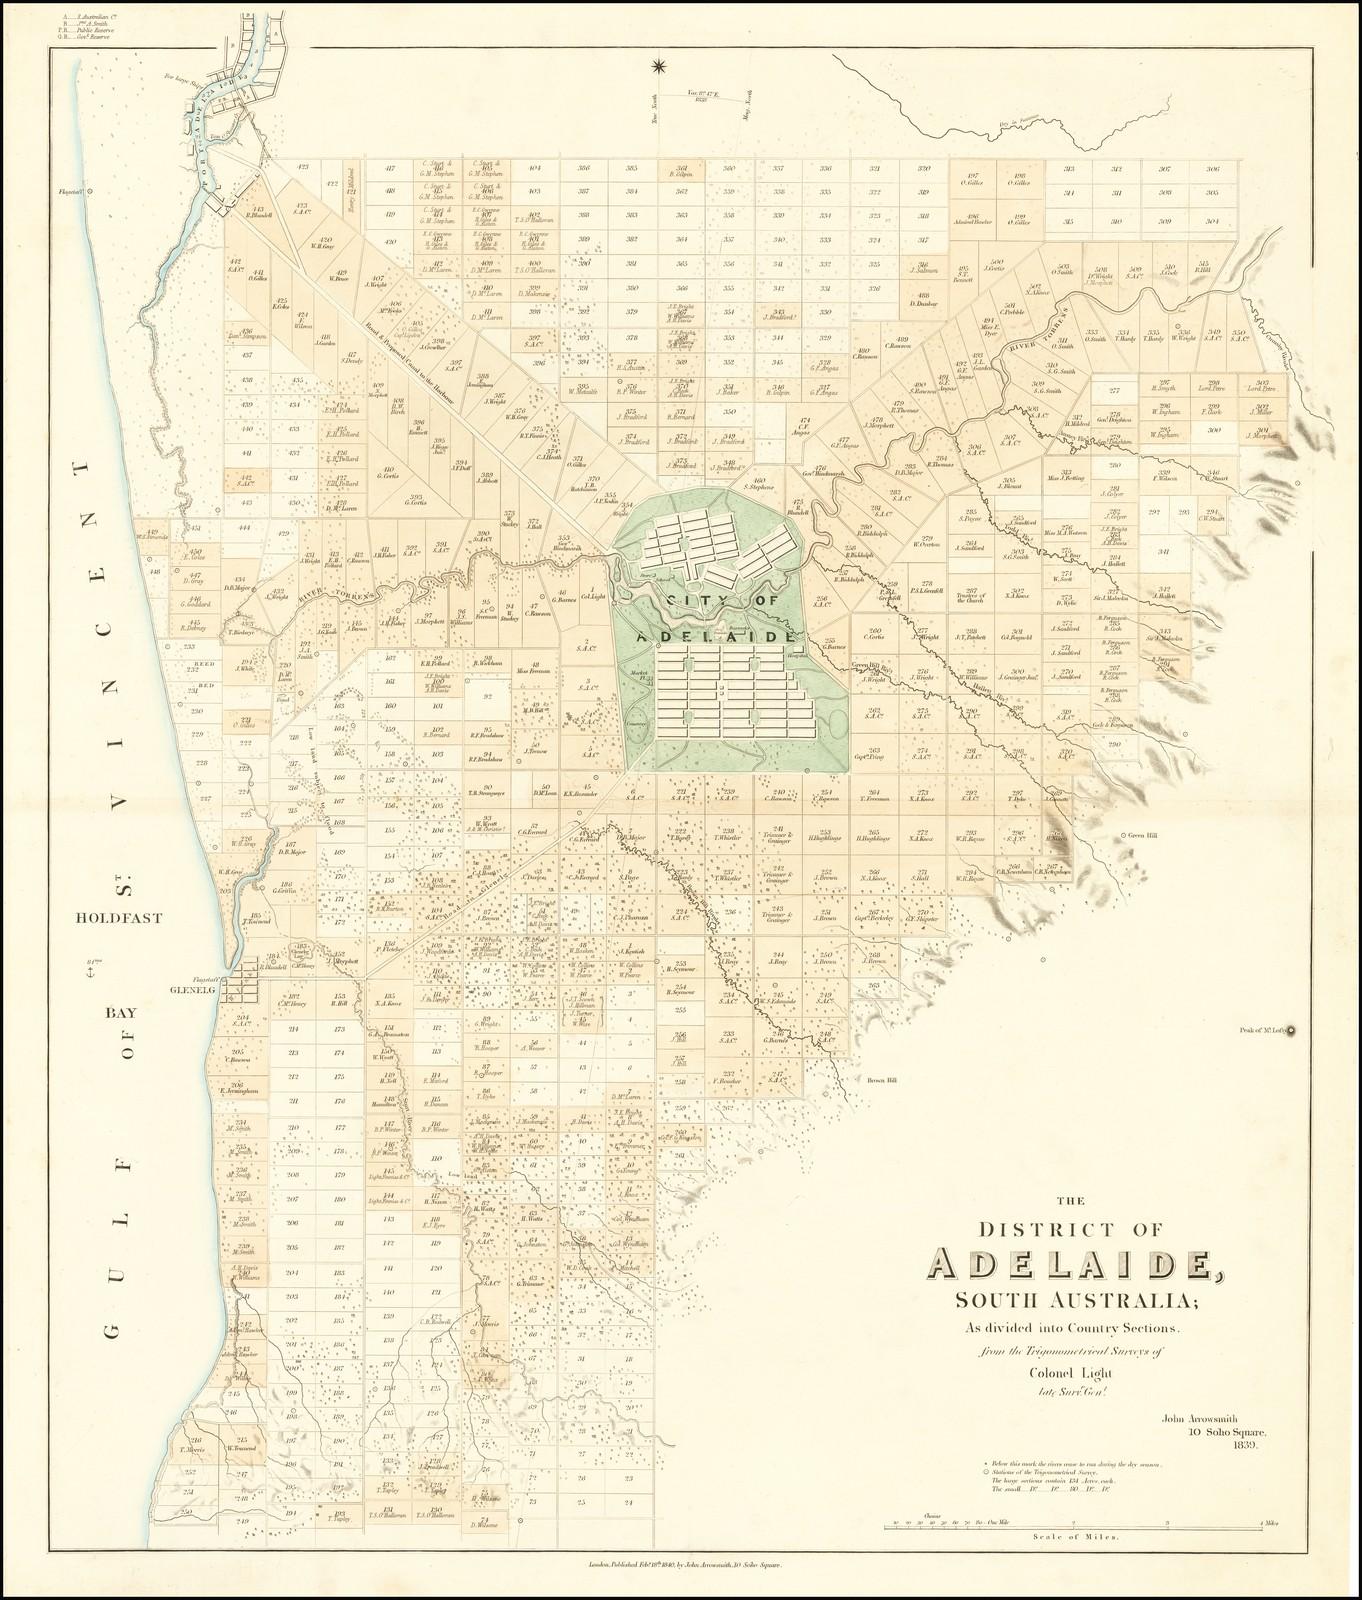 Редкая кадастровая карта местности вокруг Аделаиды, опубликованная Джоном Эрроусмитом